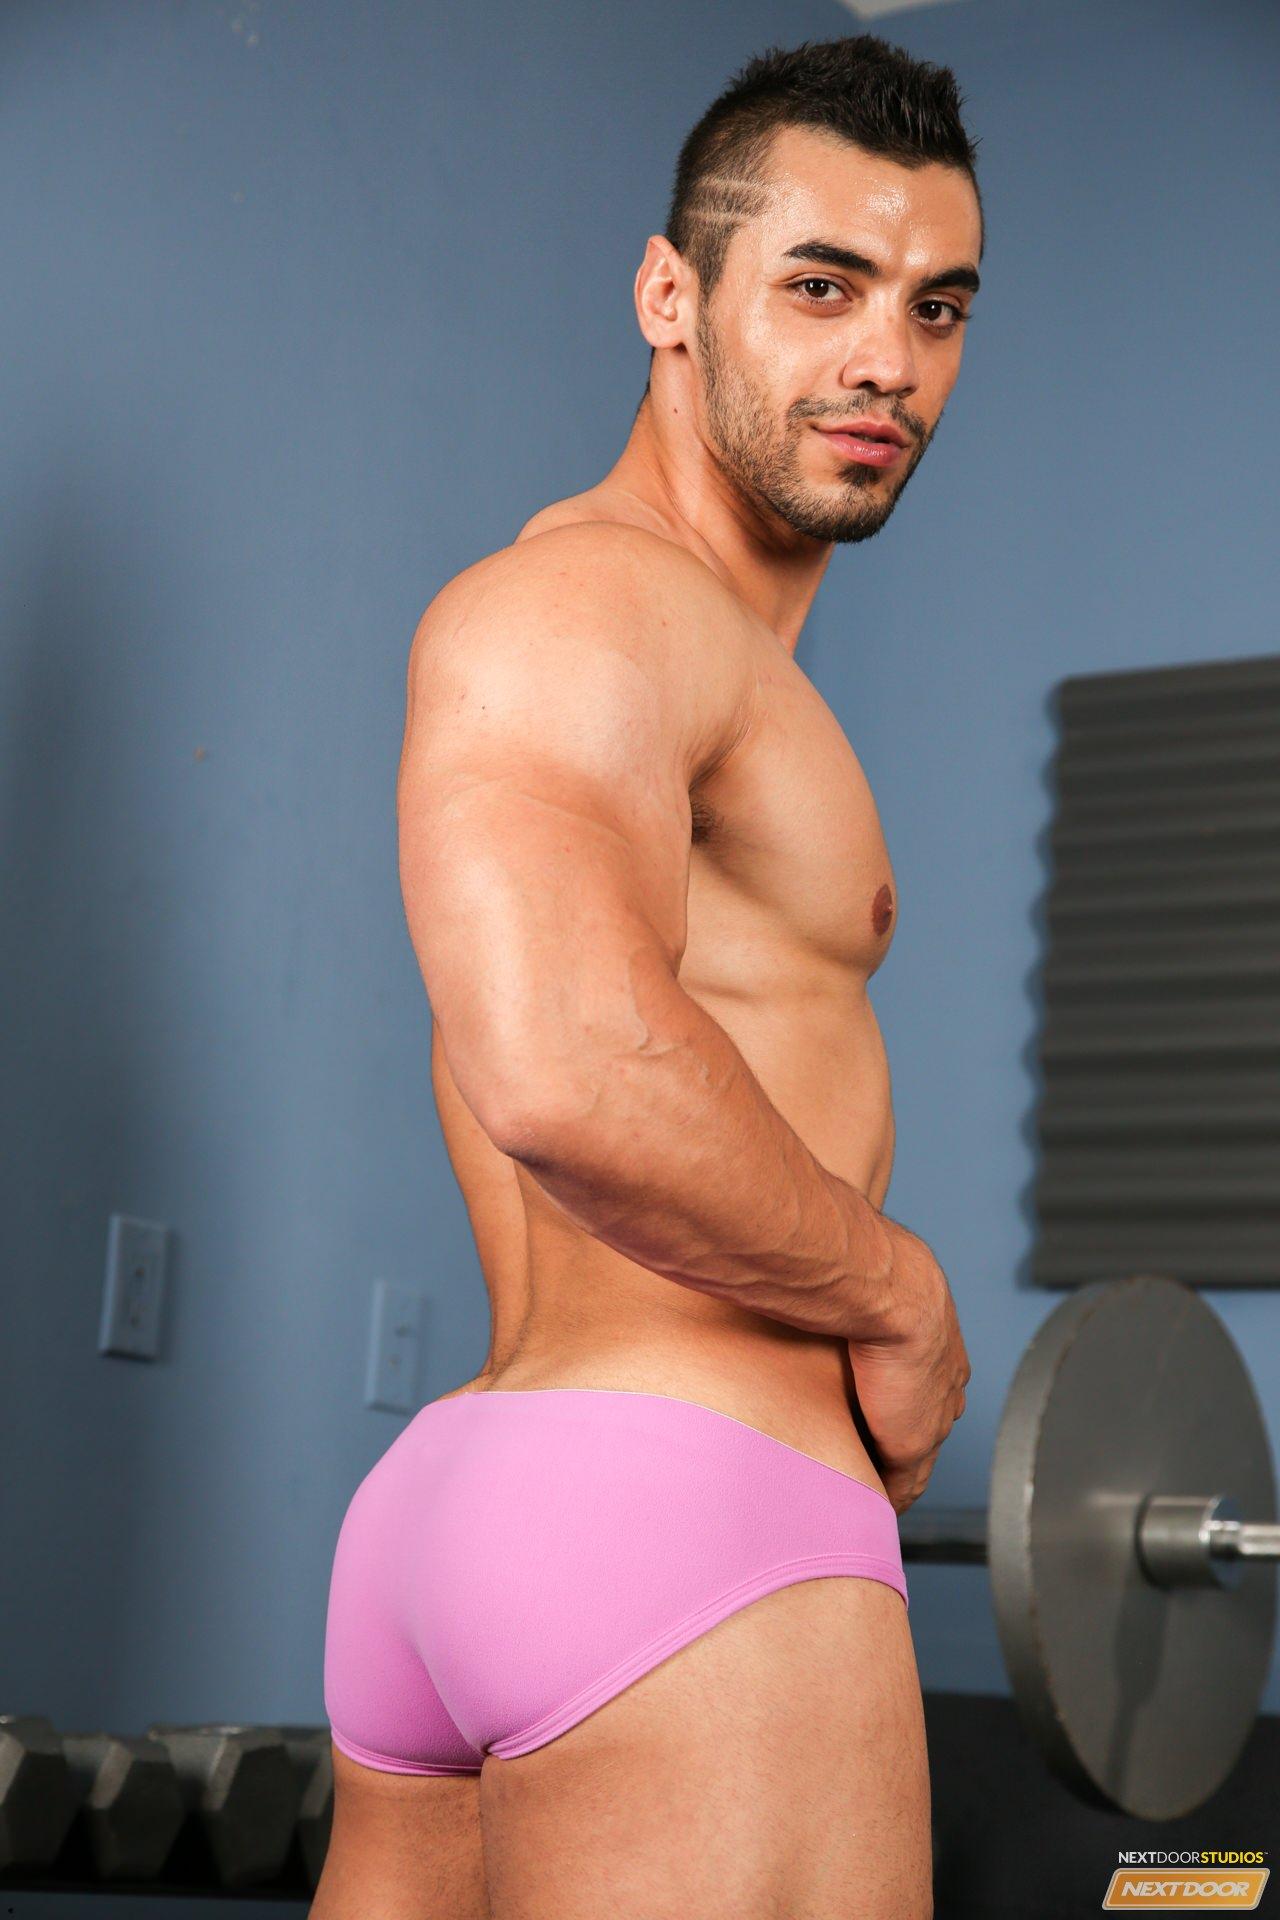 Actores Porno Españoles Bodybuilder arad-winwin-model-xxx-nextdoor-14 - we love nudes